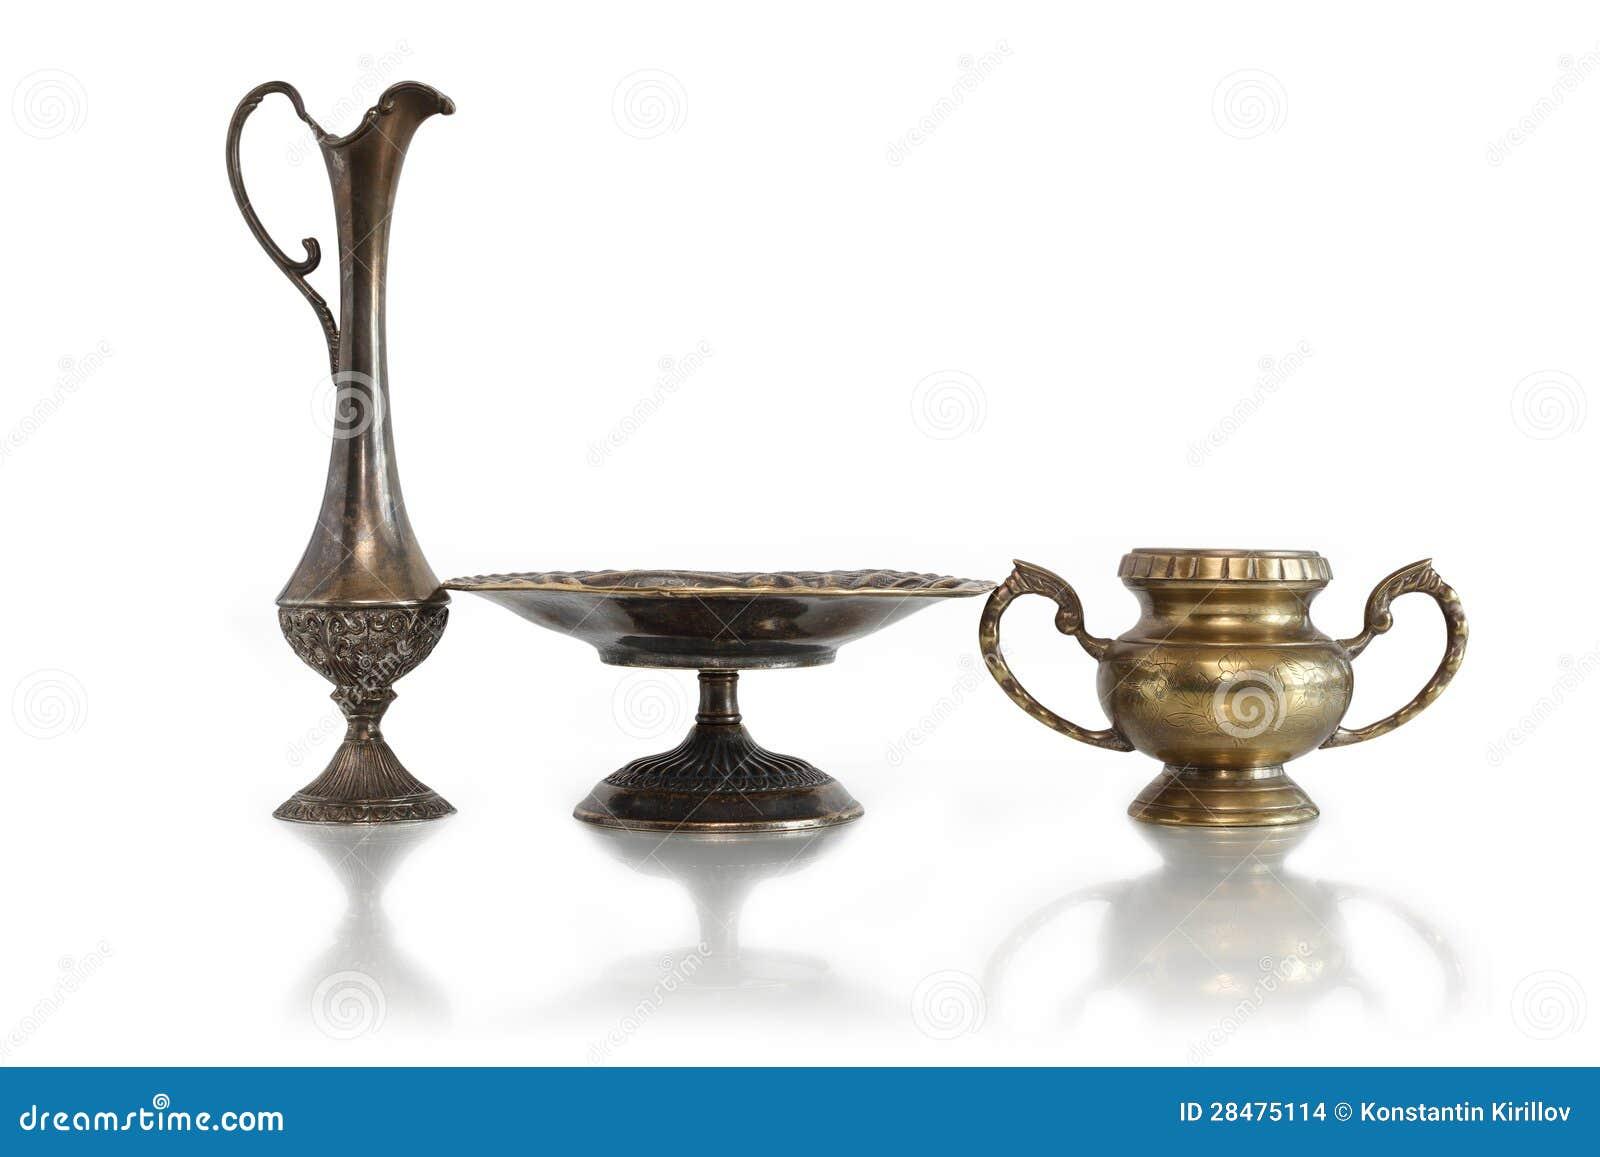 Vasi antichi immagini stock immagine 28475114 for Vasi antichi